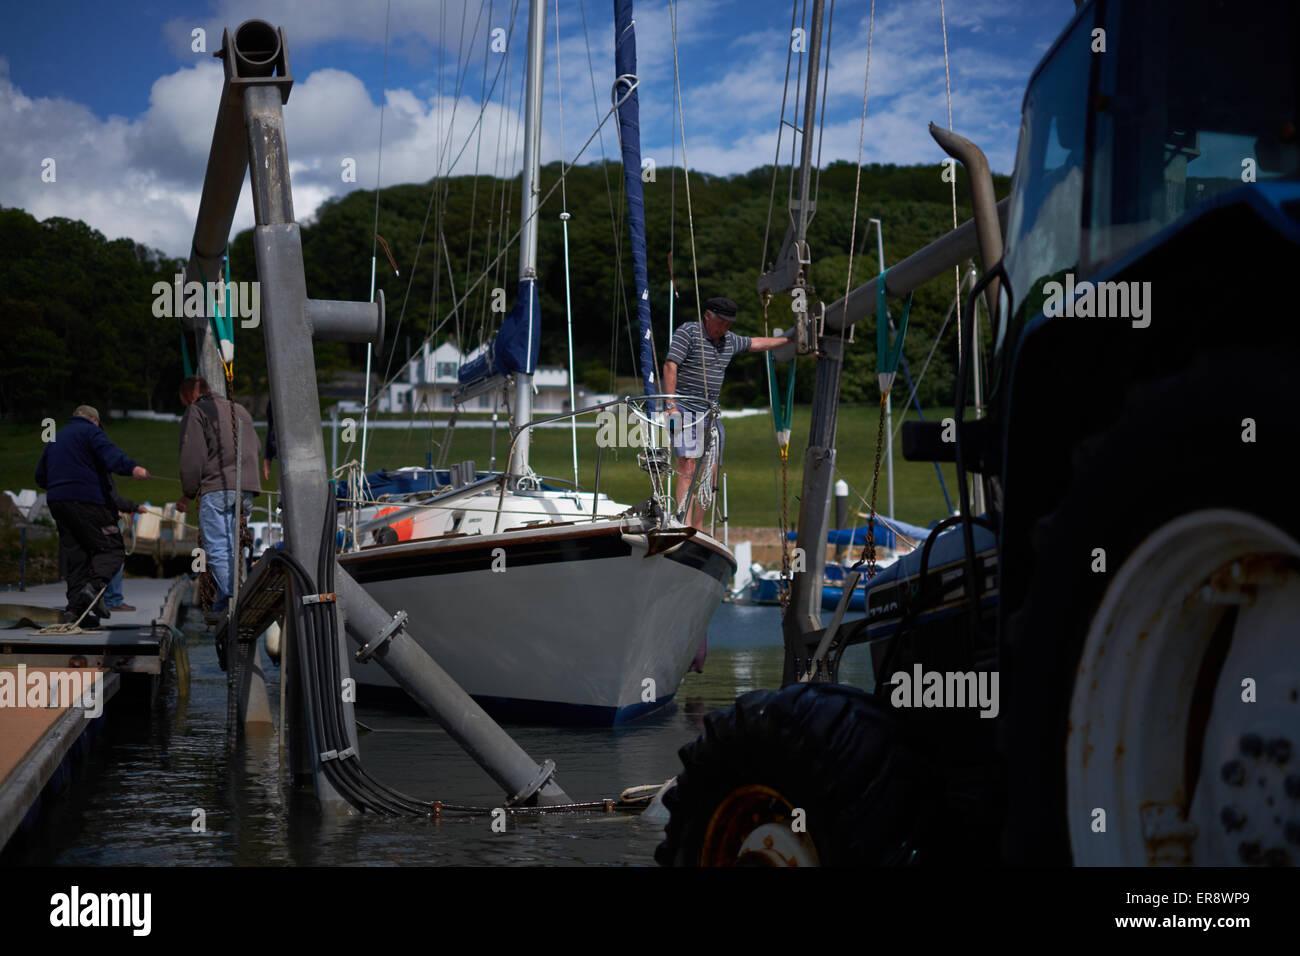 Un yacht est lancé sur la rivière Ax par un tracteur et berceau Photo Stock